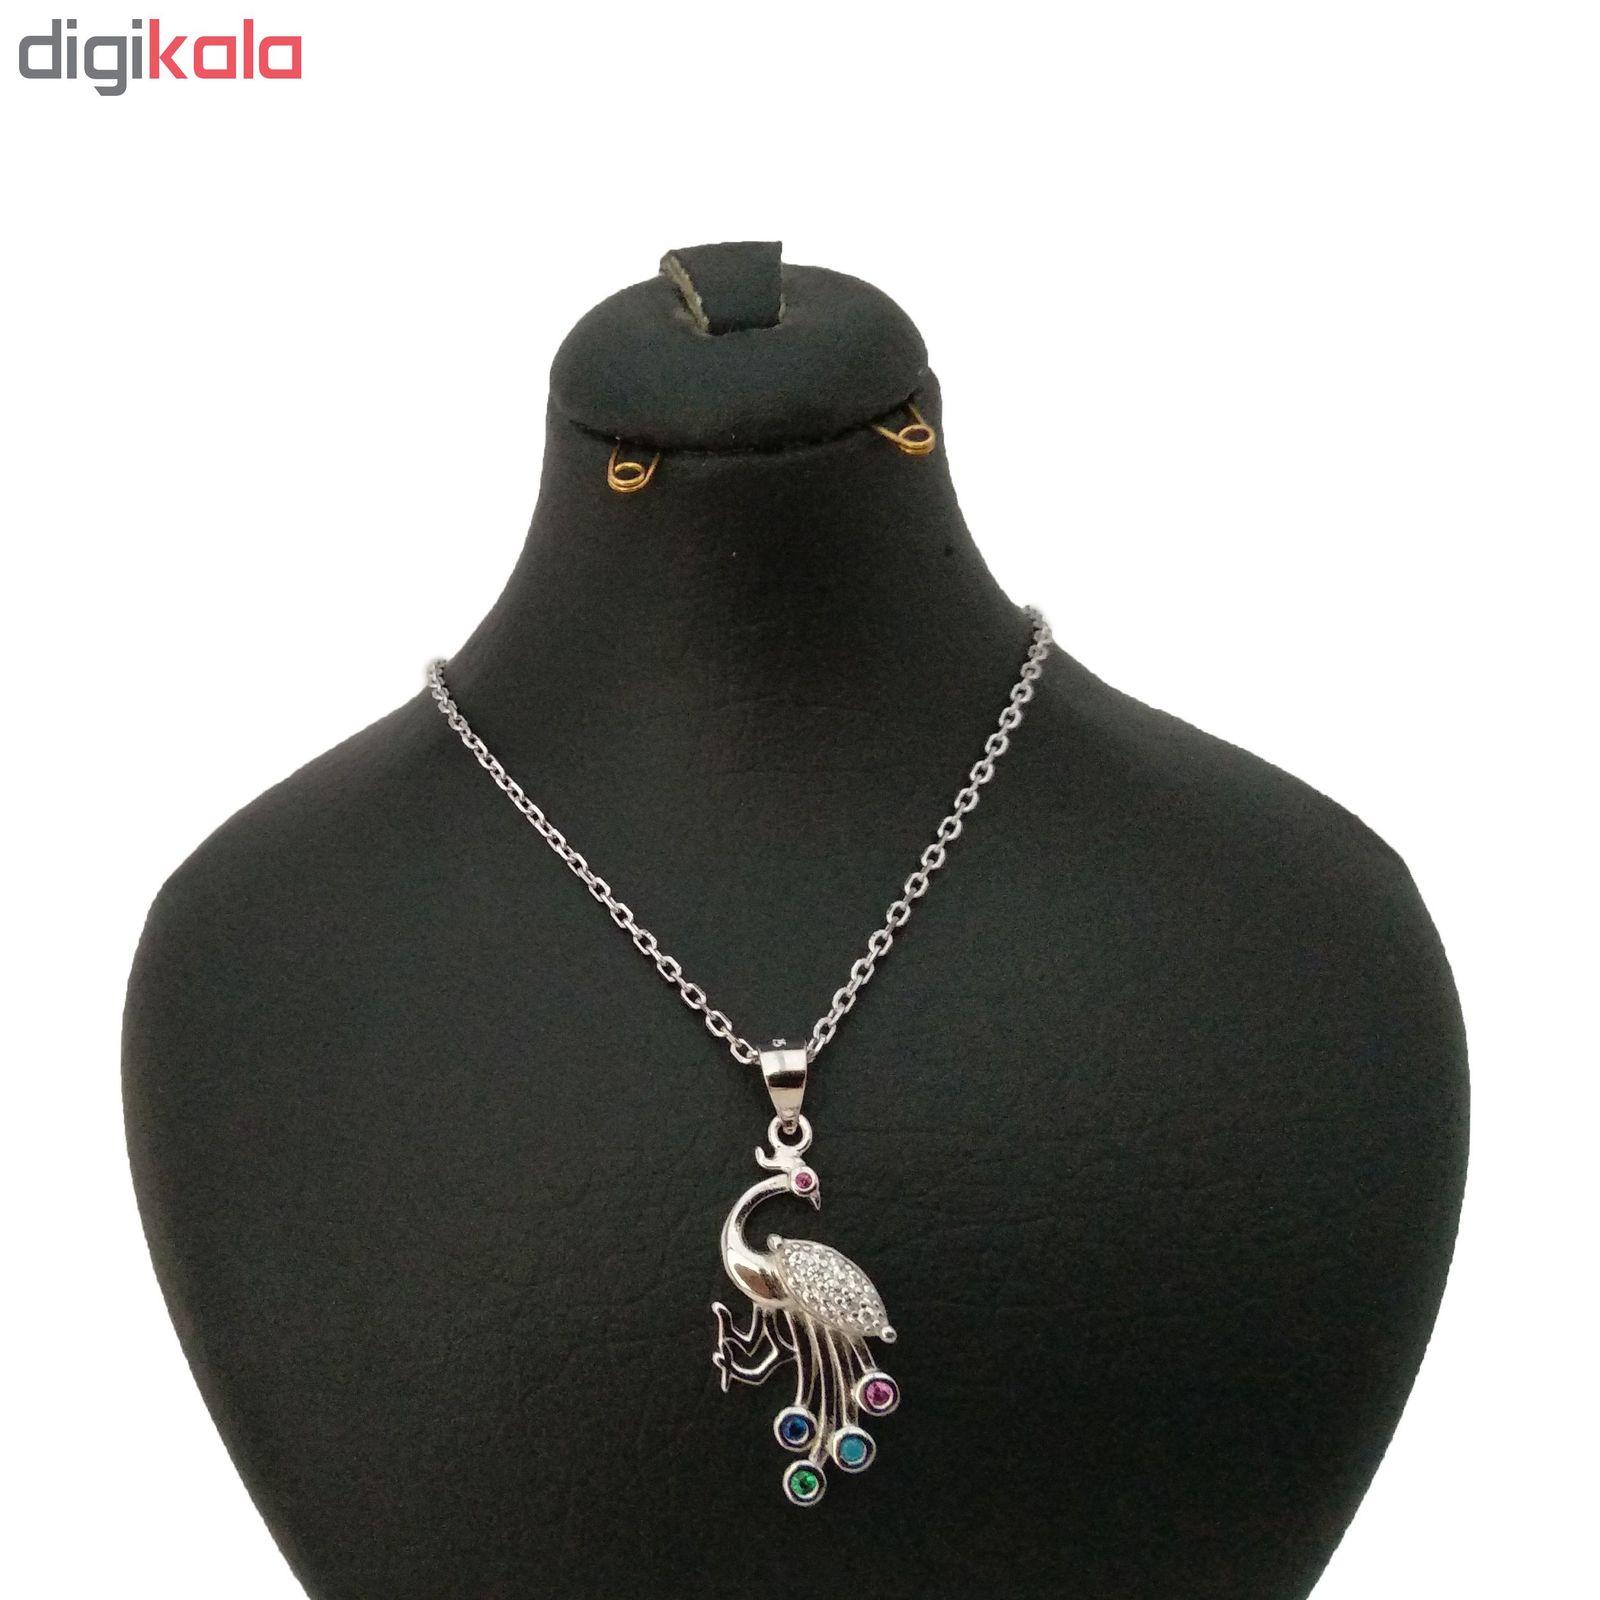 گردنبند نقره زنانه طرح طاووس کد p103